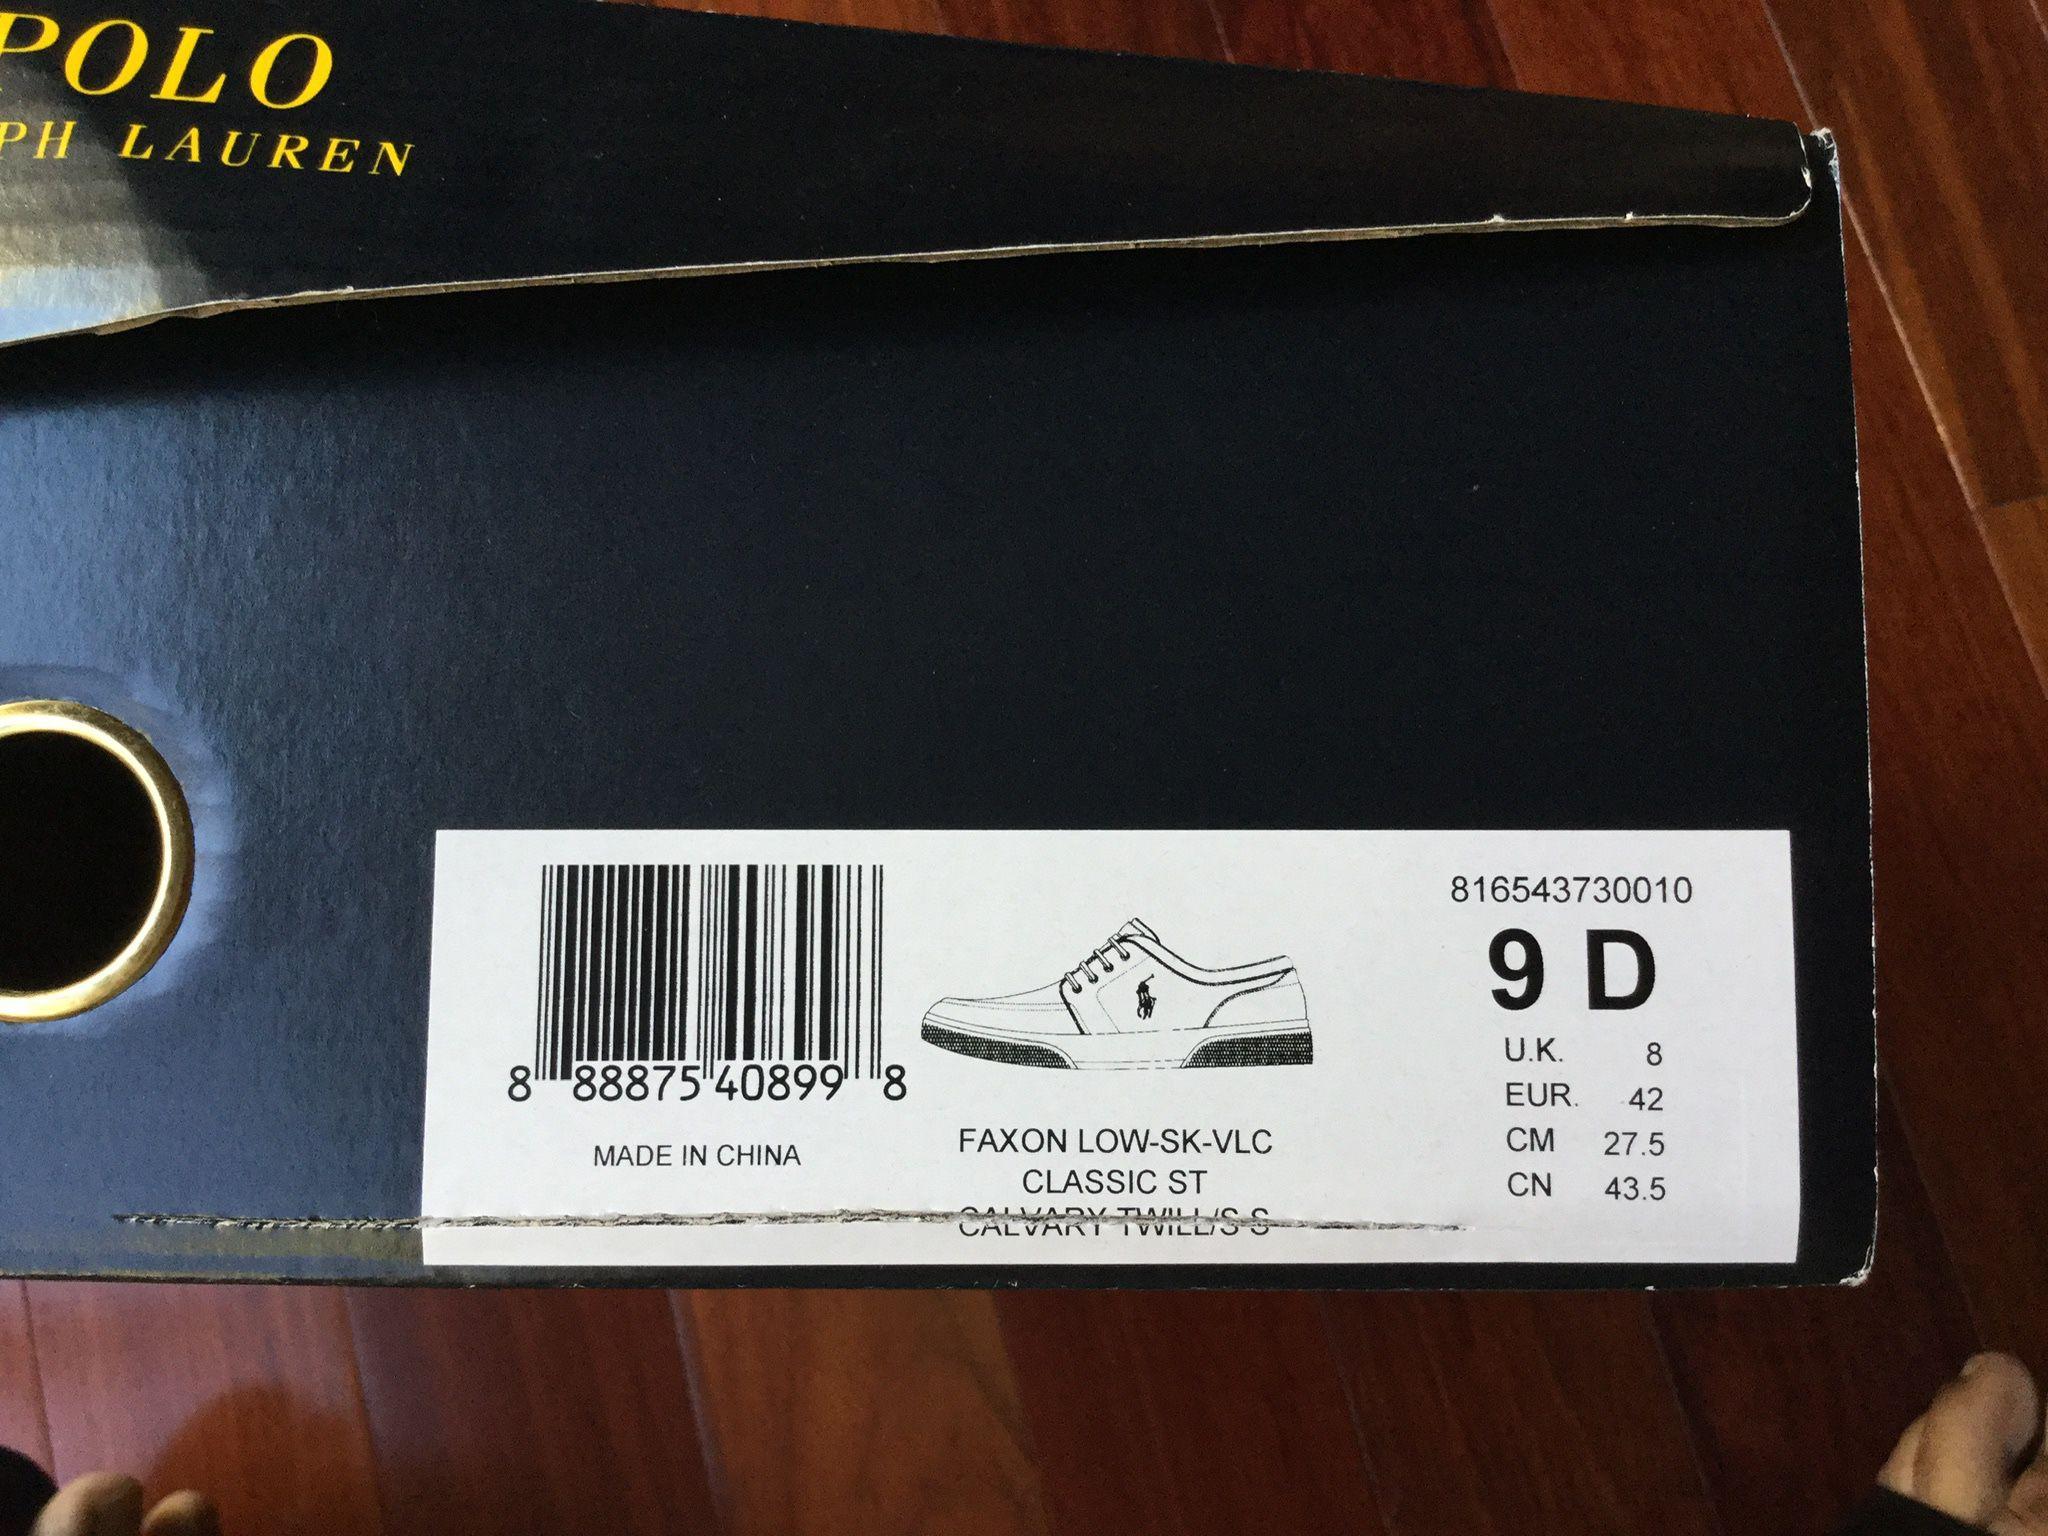 Polo Ralph Lauren Men's Shoes - Size 9